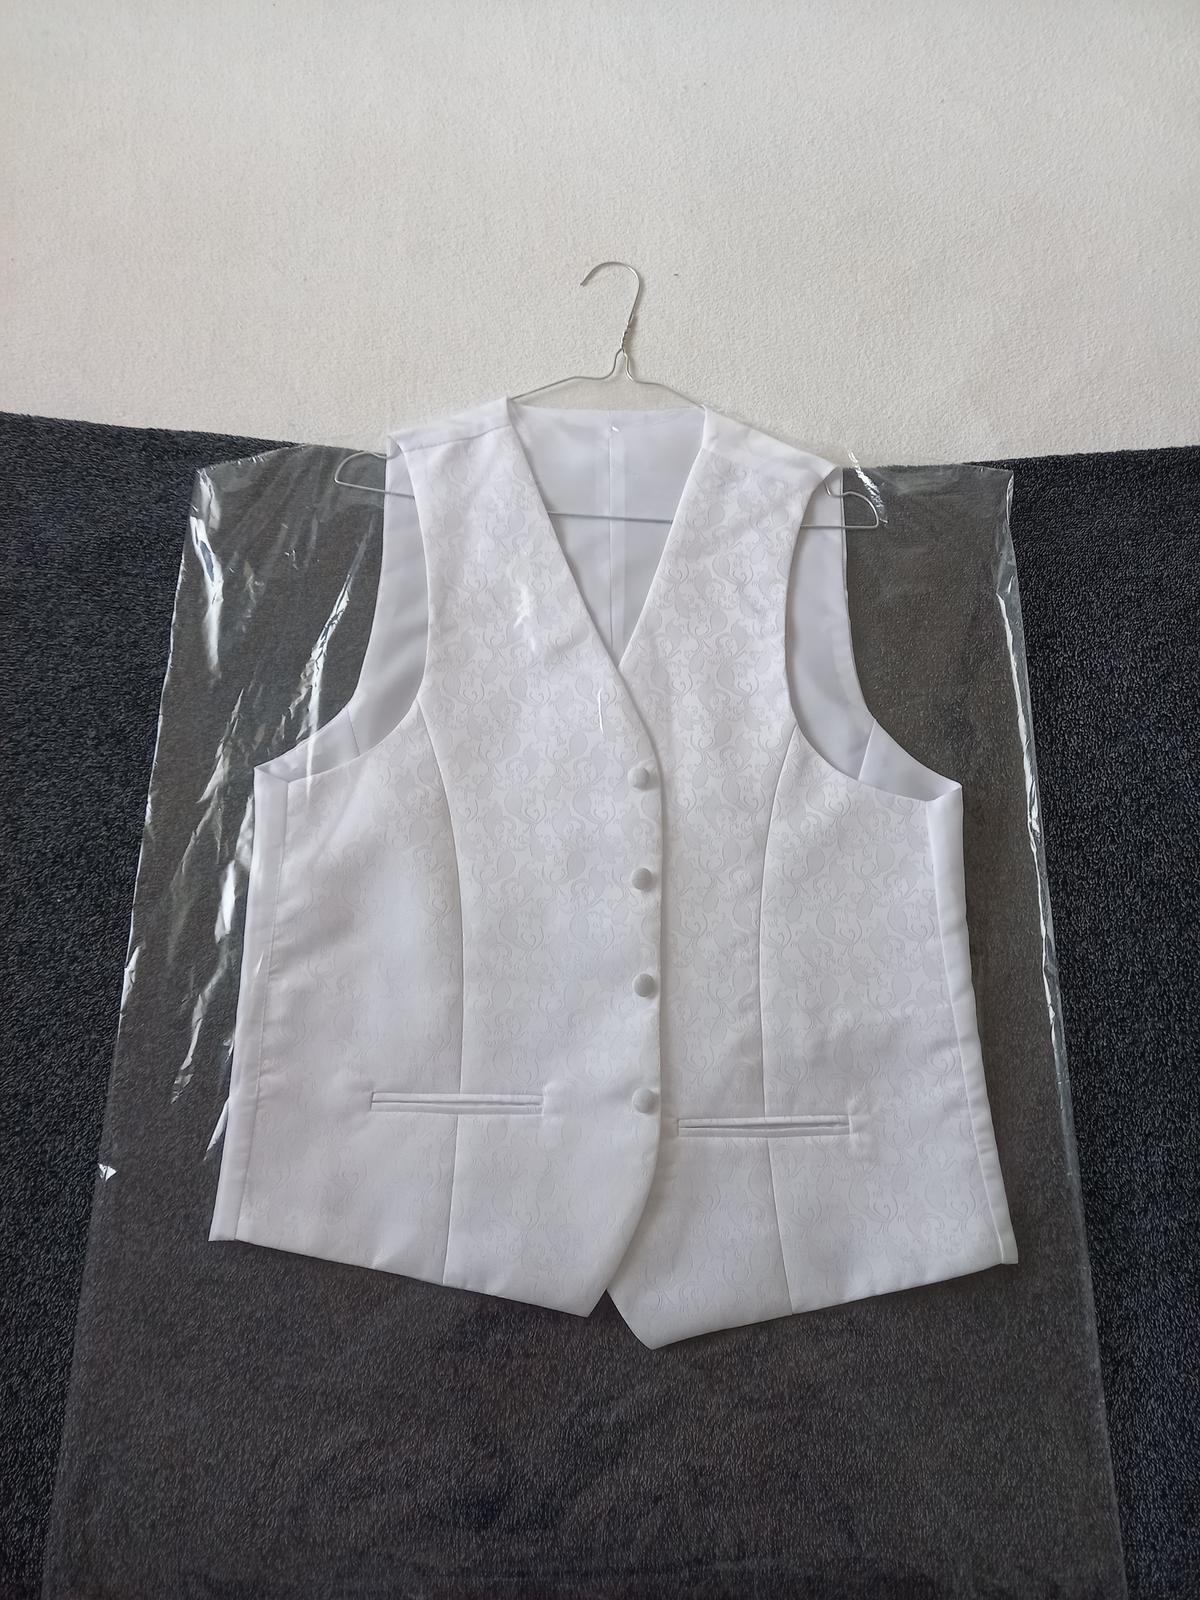 svadobná košeľa, vestička,kravata, vreckova pre ženícha - Obrázok č. 1